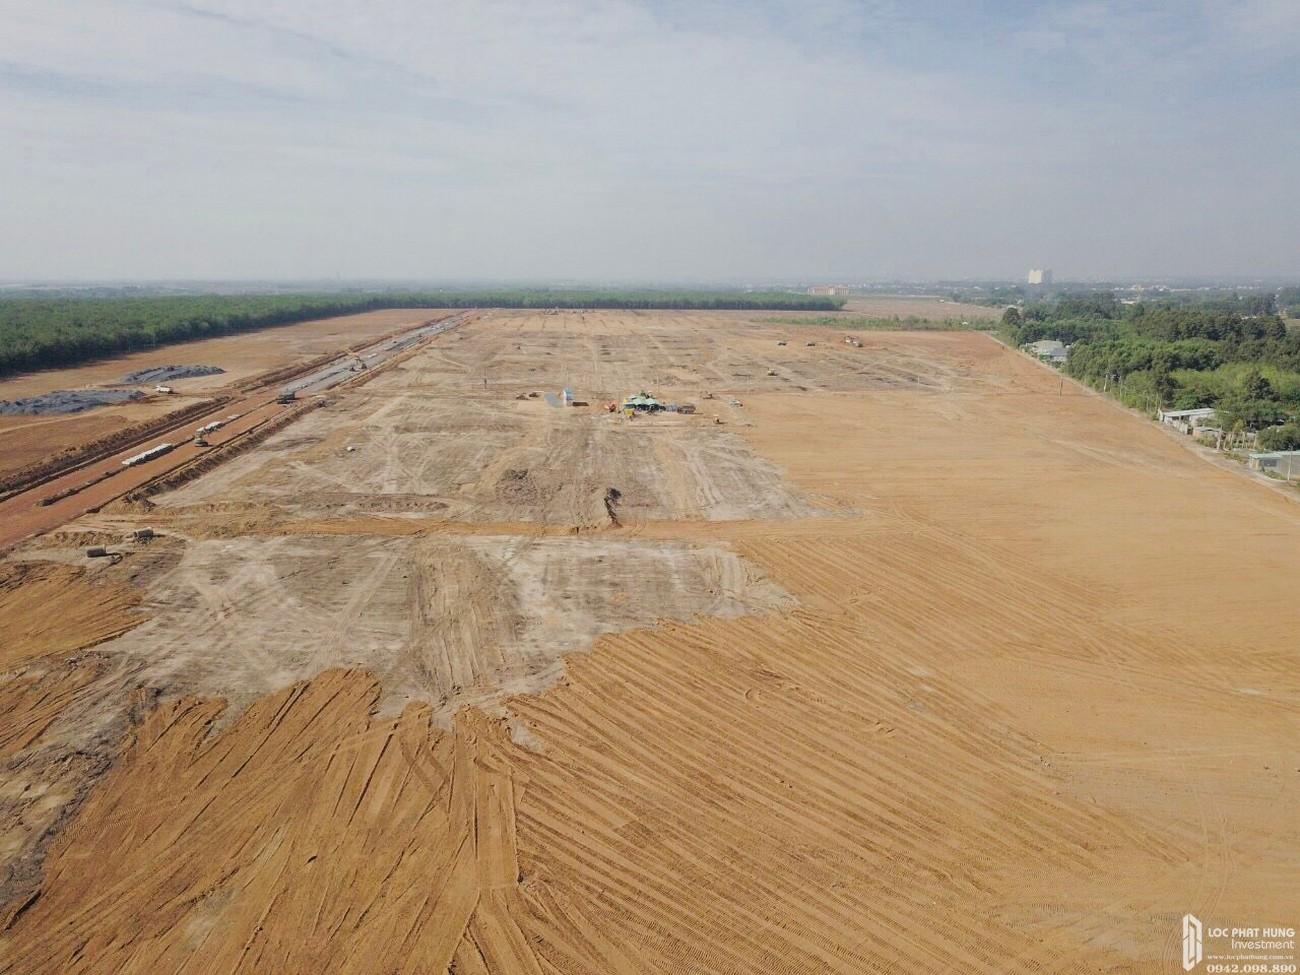 Tiến độ dự án nhà phố, đất nền Gem Sky World Long Thành Đường Quốc Lộ 51 chủ đầu tư Đất Xanh 18/06/2020